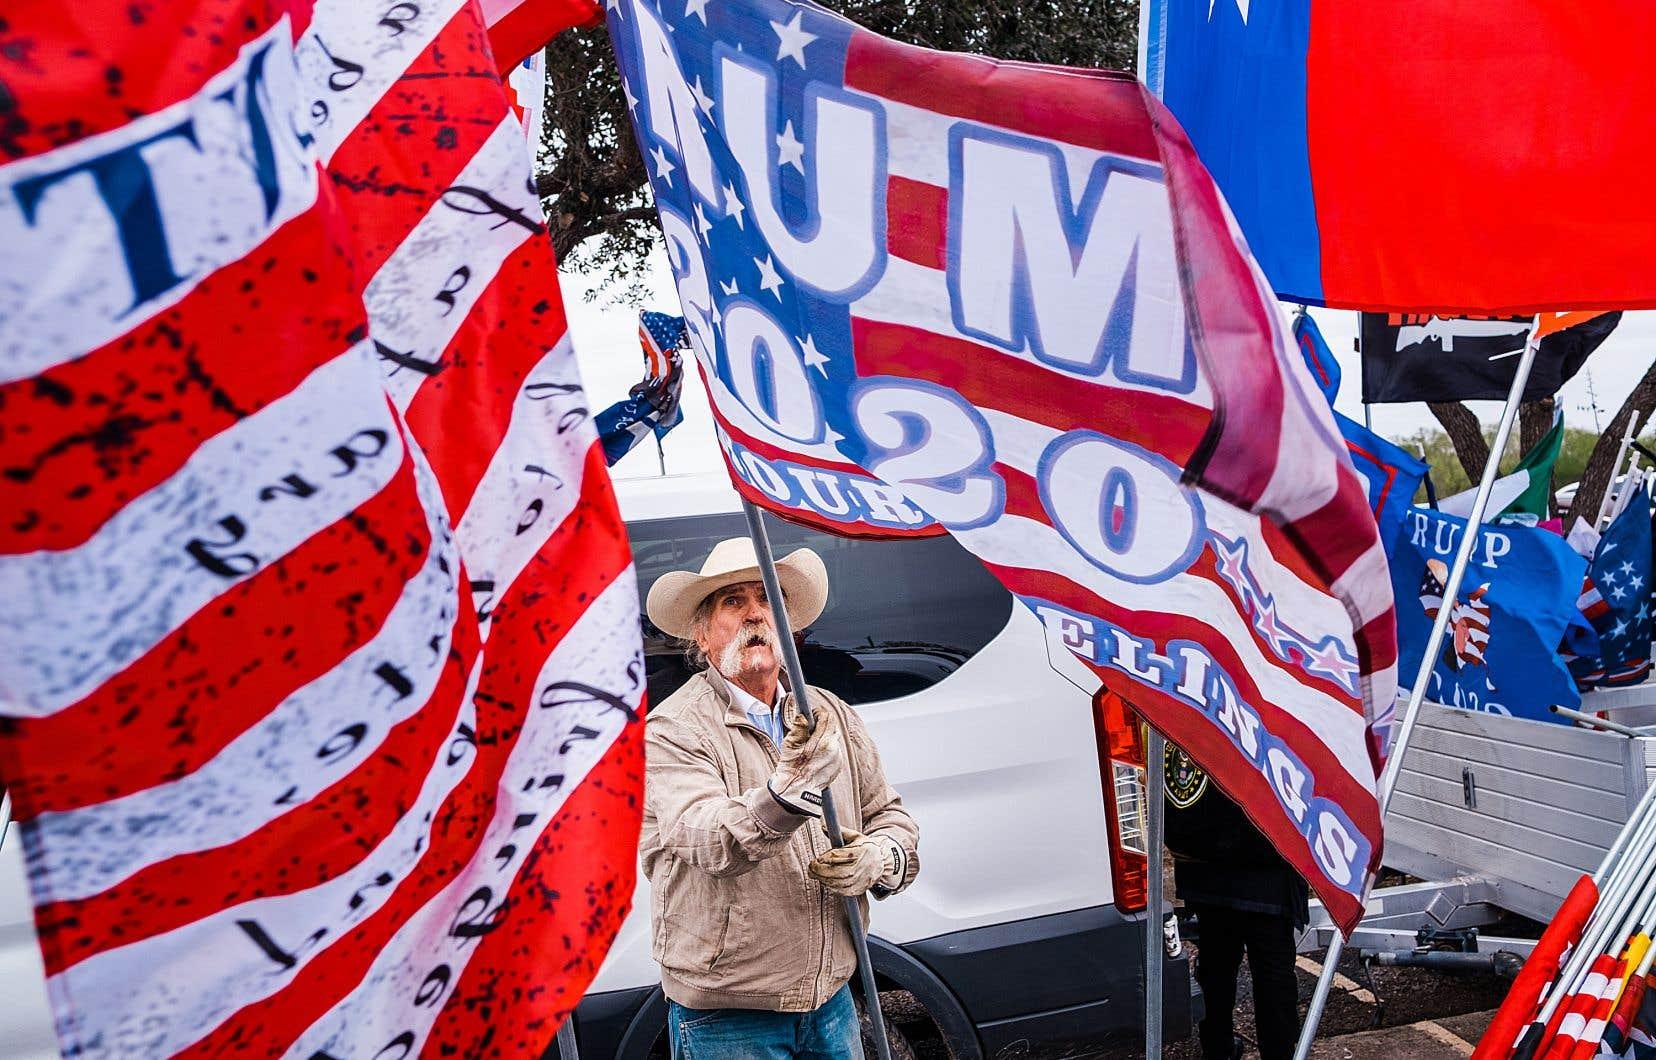 Les partisans de Donald Trump prient pour qu'il demeure président après le 20 janvier.